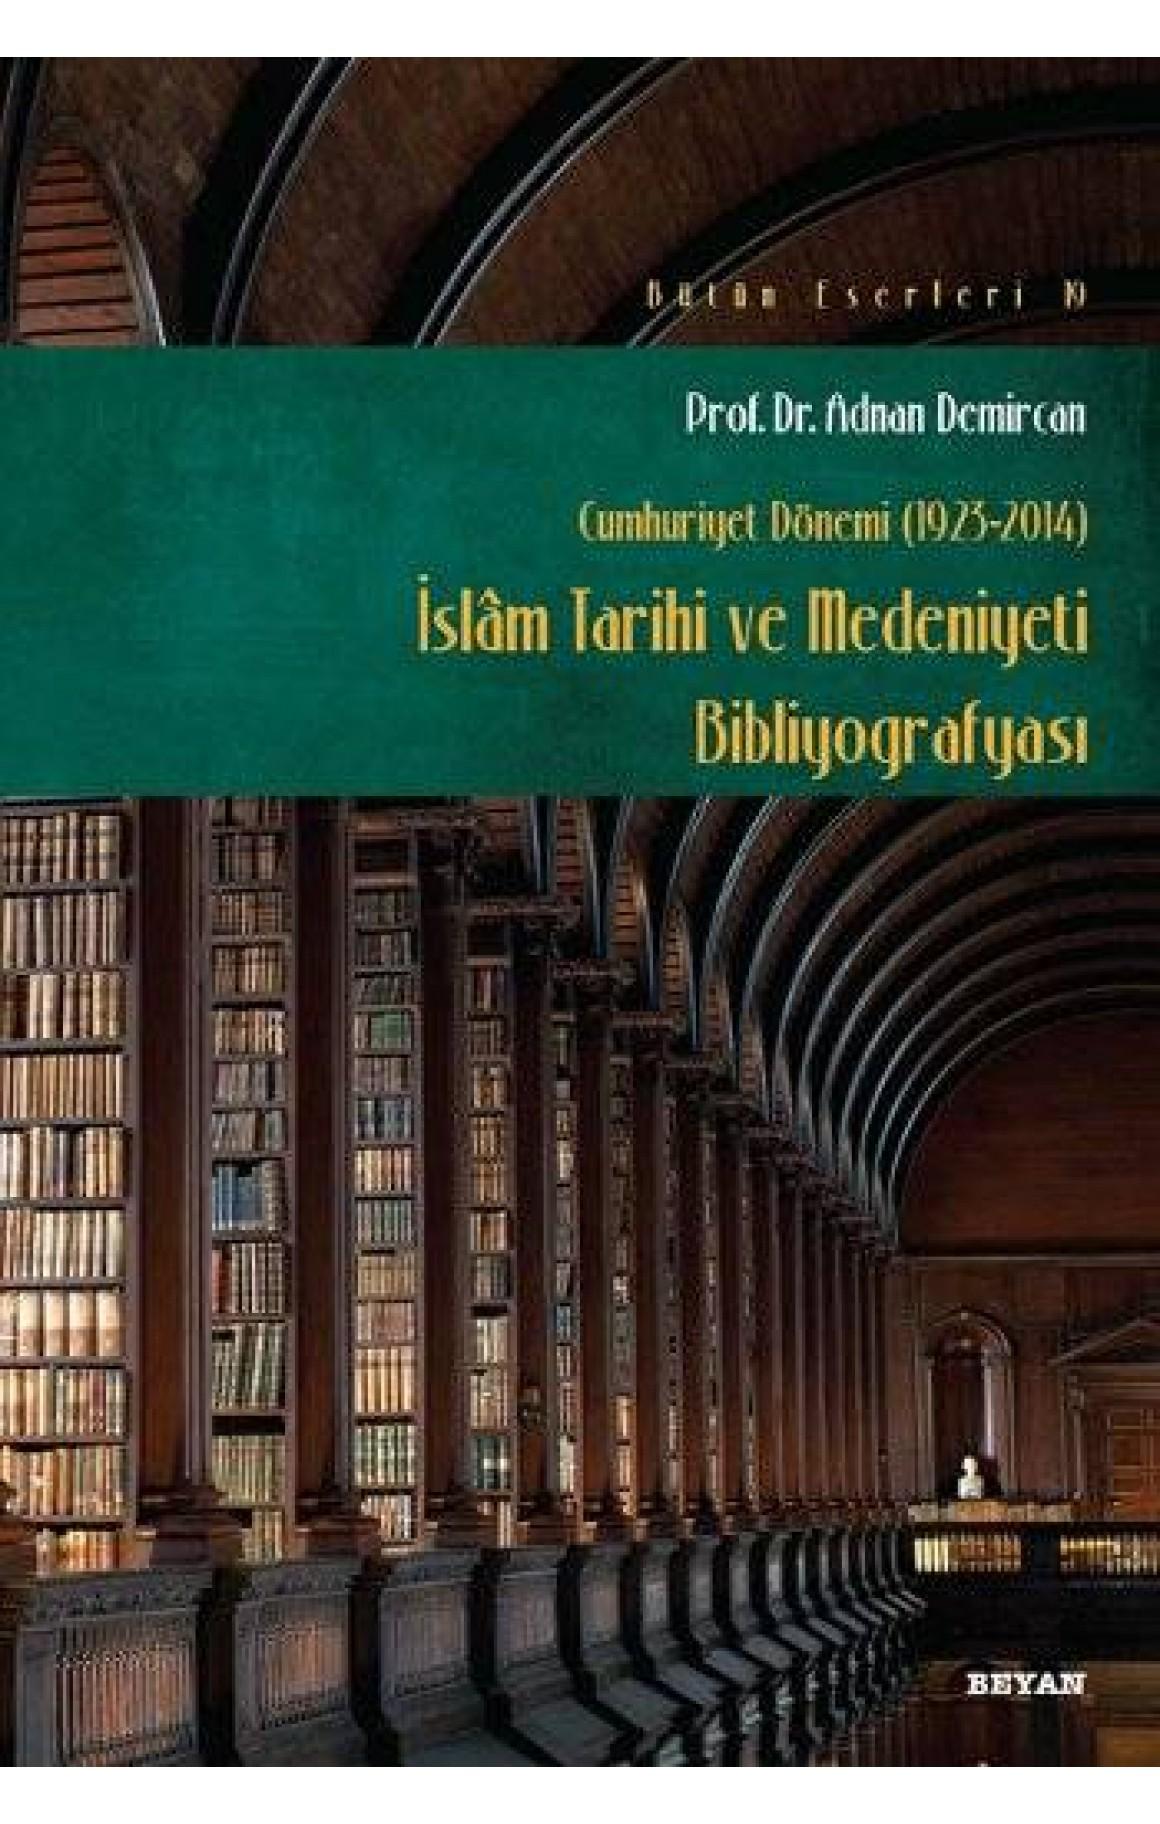 İslam Tarihi Kültür ve Medeniyeti Bibliyografisi